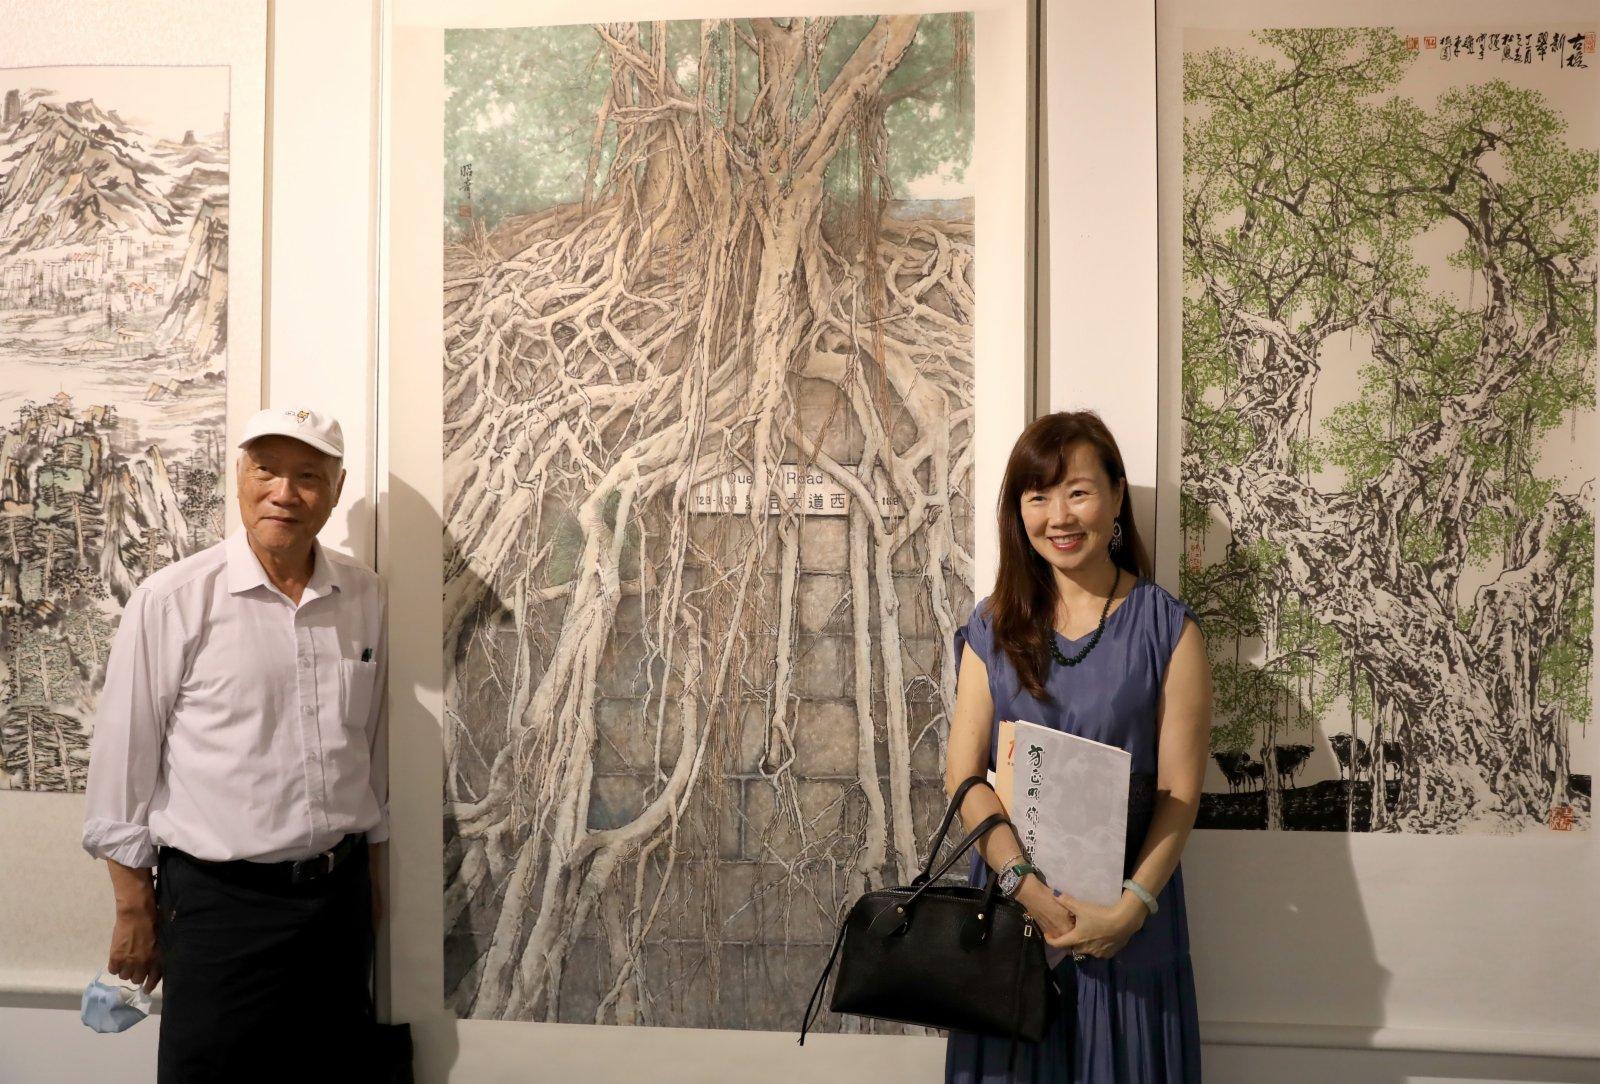 6月5日,觀眾在「百年潮商展風華」書畫攝影展上參觀。(新華社)